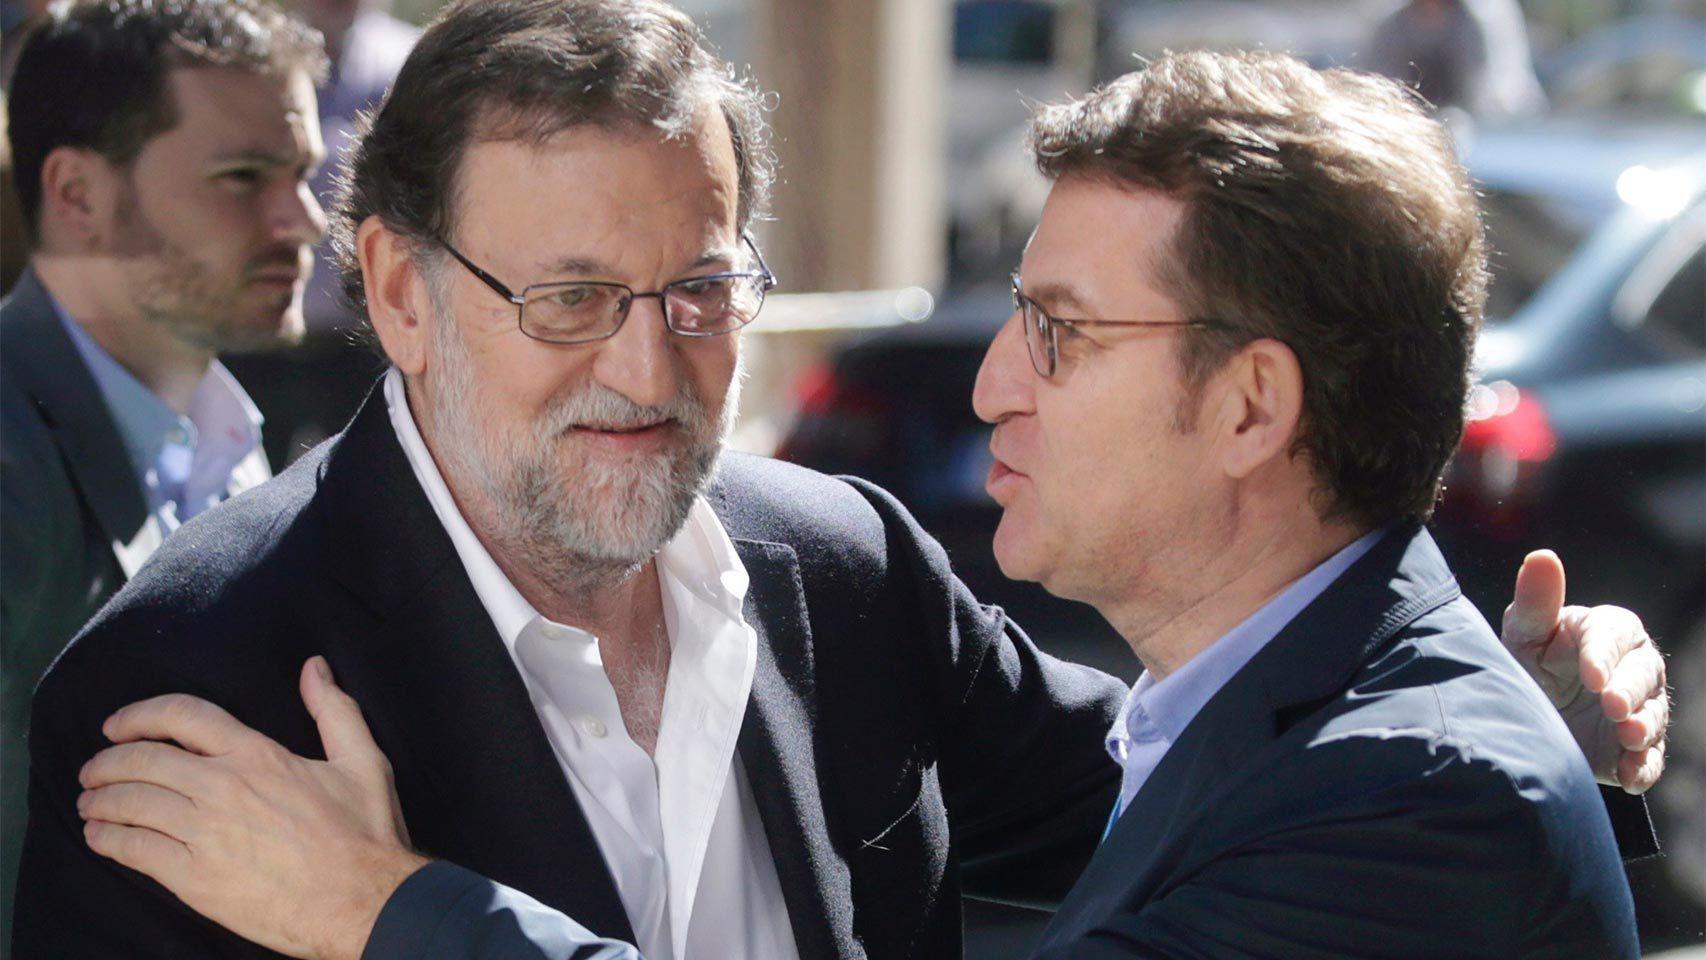 Feijóo lleva años sonando como el recambio de Rajoy en Madrid